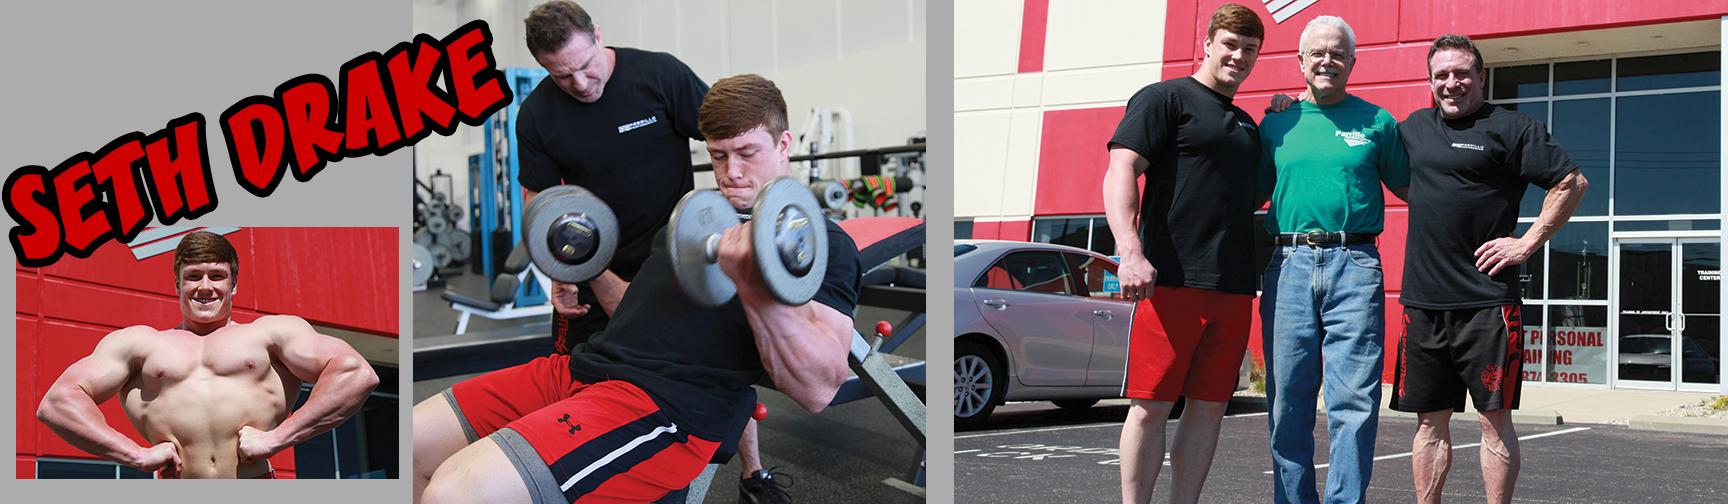 seth drake lifting weights